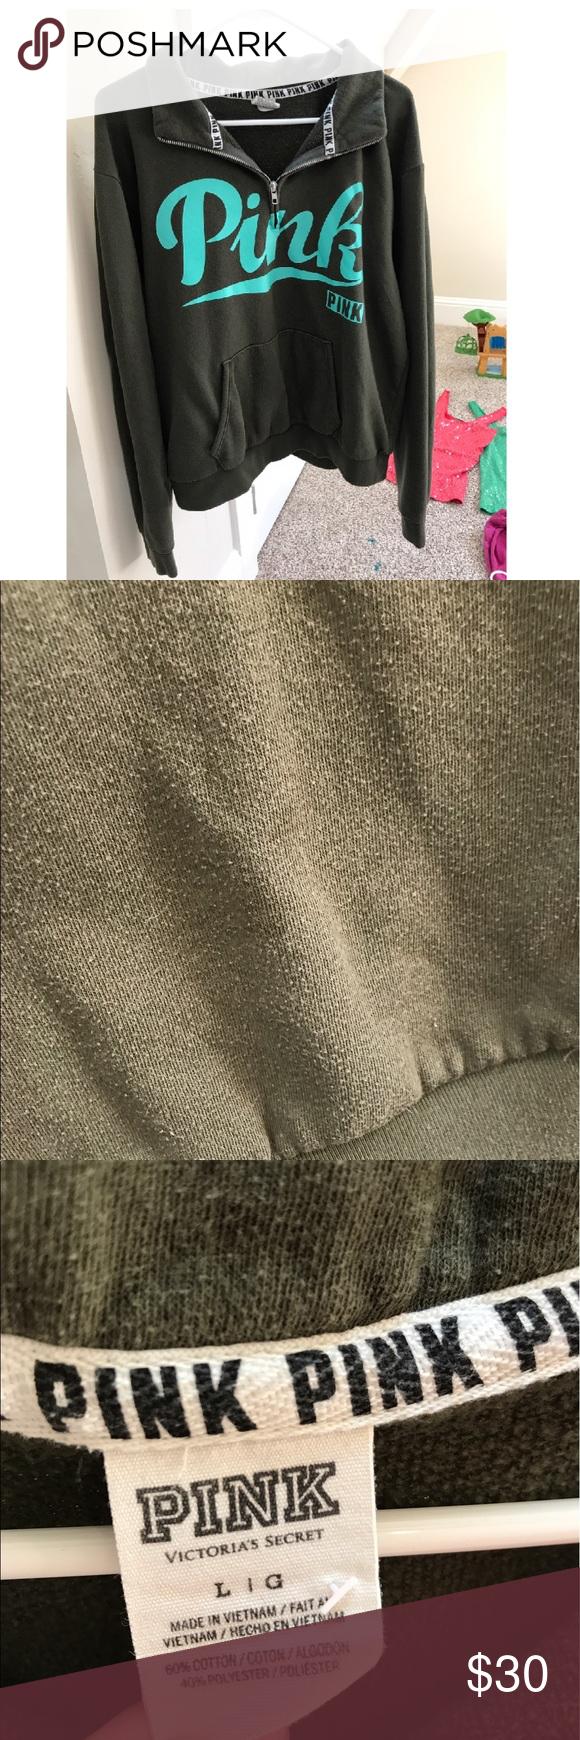 SALE!! PINK Olive Green 1/4 zip sweatshirt Worn condition, dark ...